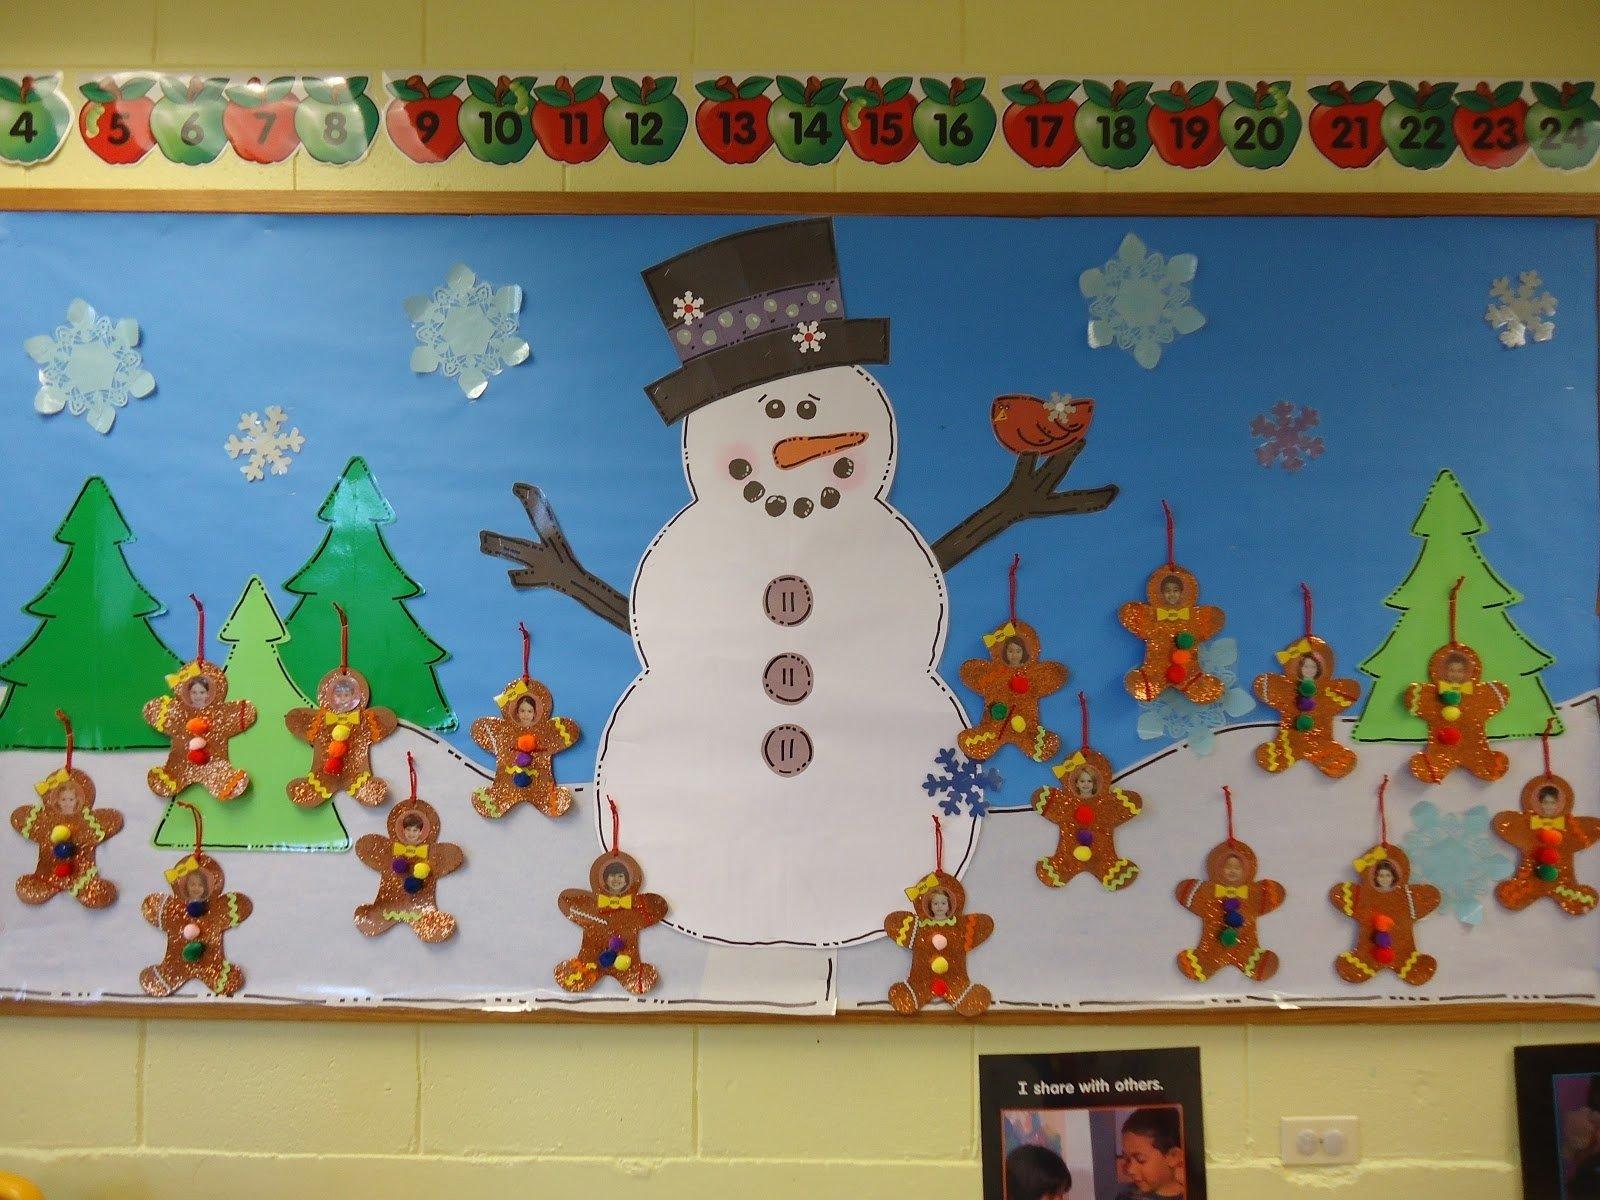 10 Famous Christmas Bulletin Board Ideas For Preschool trinity preschool mount prospect gingerbread ornaments snowman 1 2021